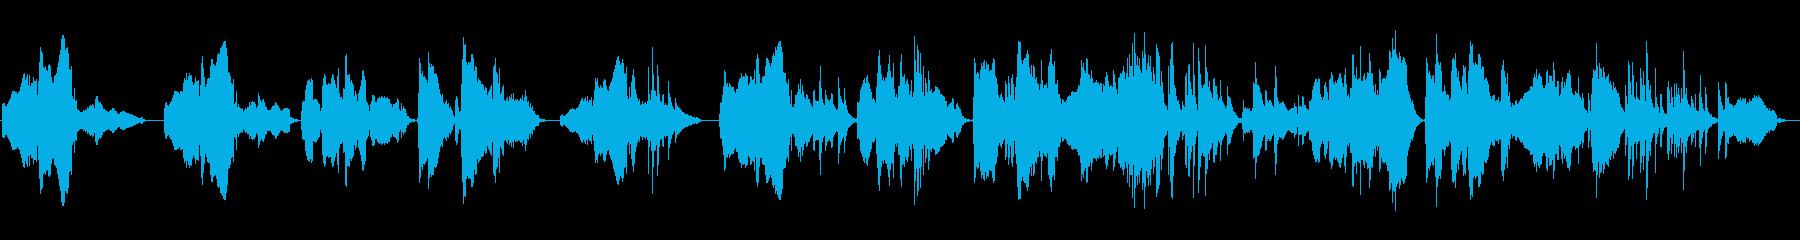 和風の旋律が印象的な楽曲の再生済みの波形